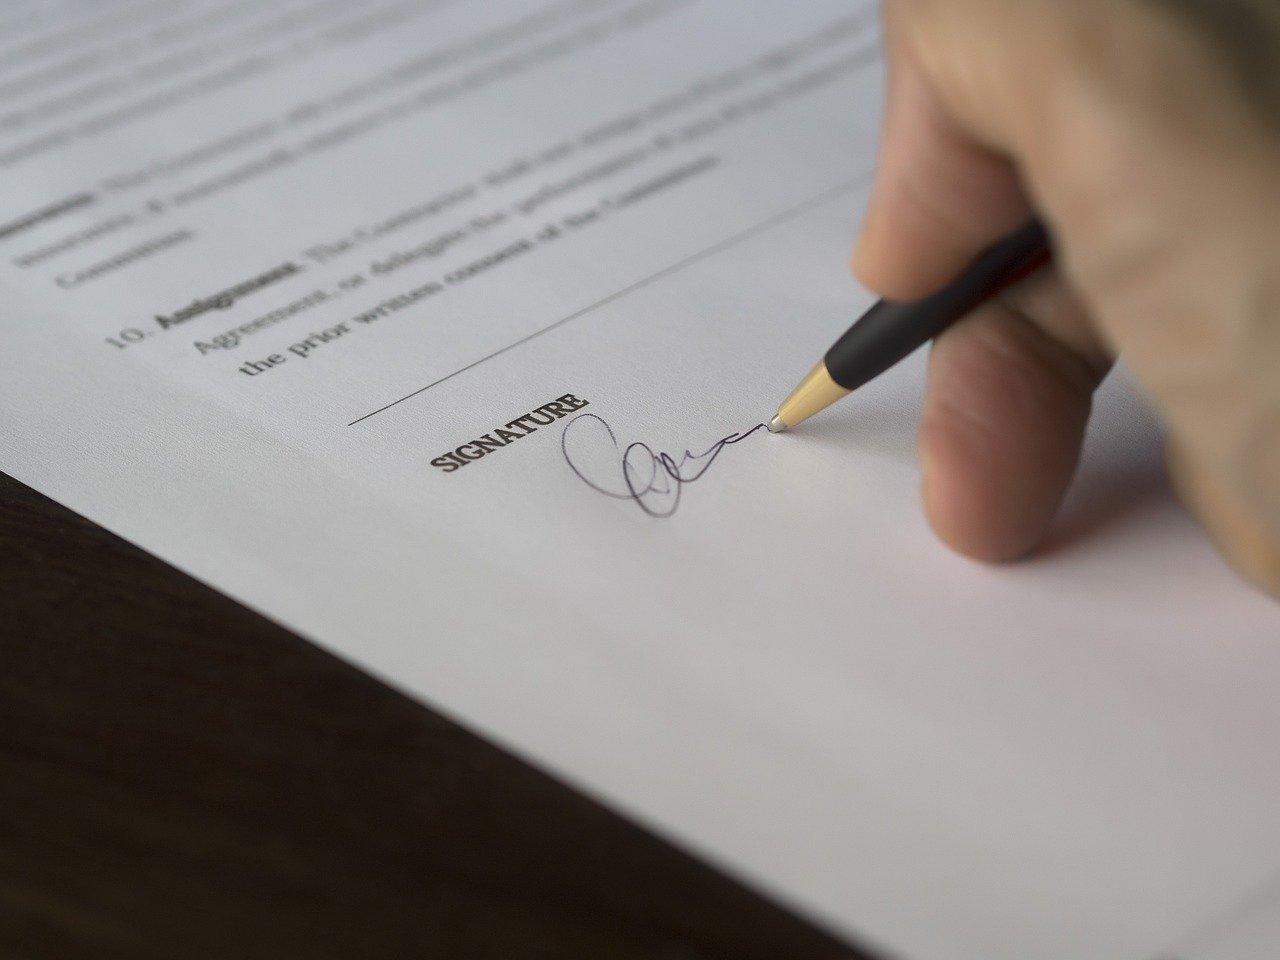 Digitale Unterschrift für Verträge